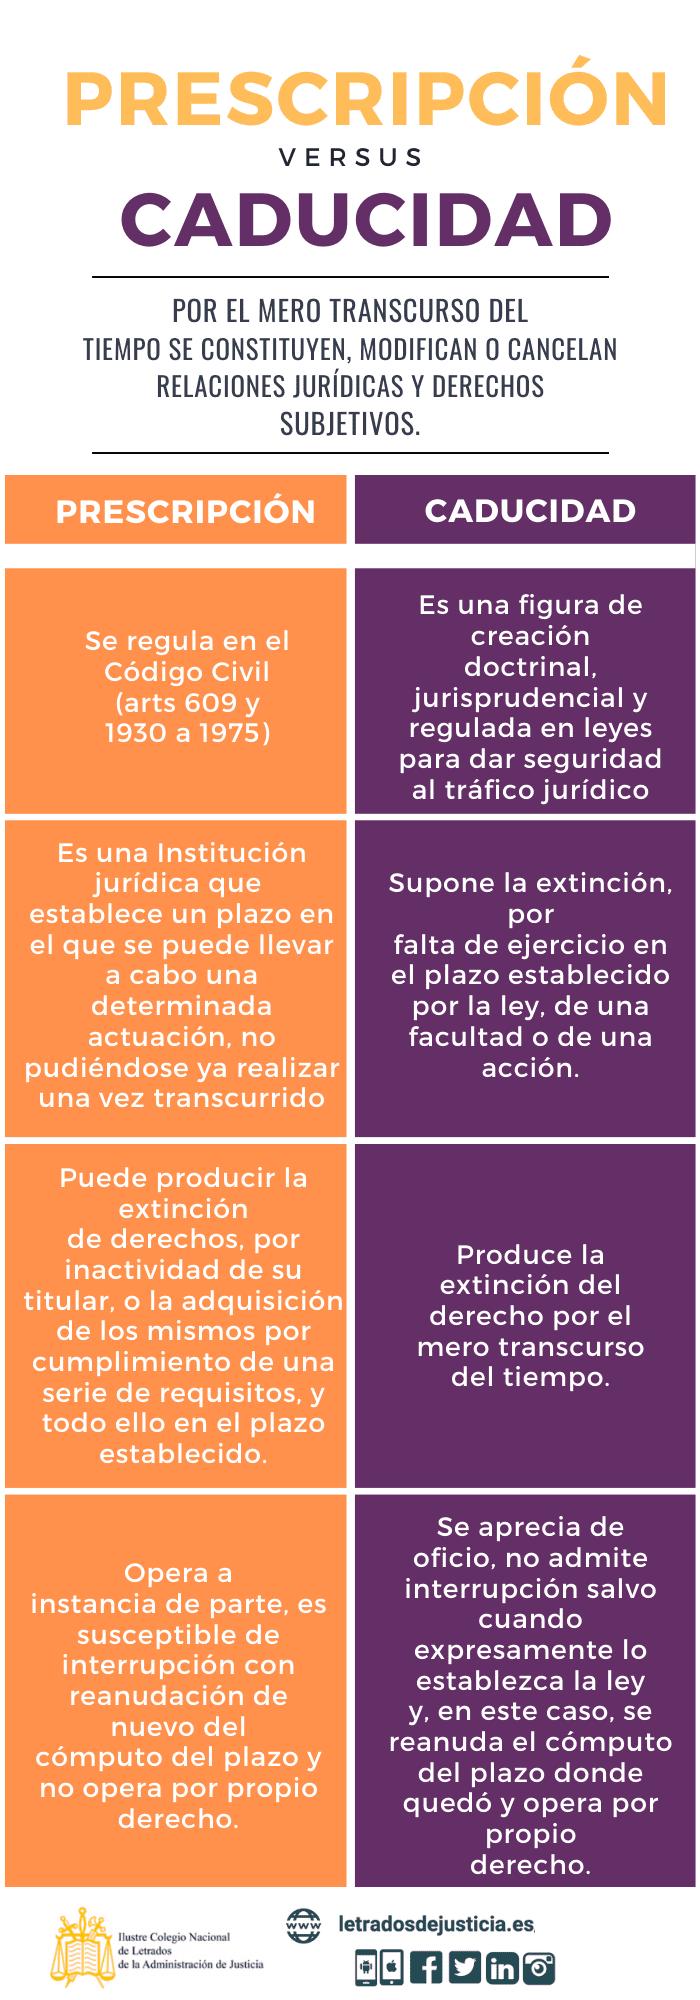 Prescripción vs Caducidad Letrados de la Administración de Justicia